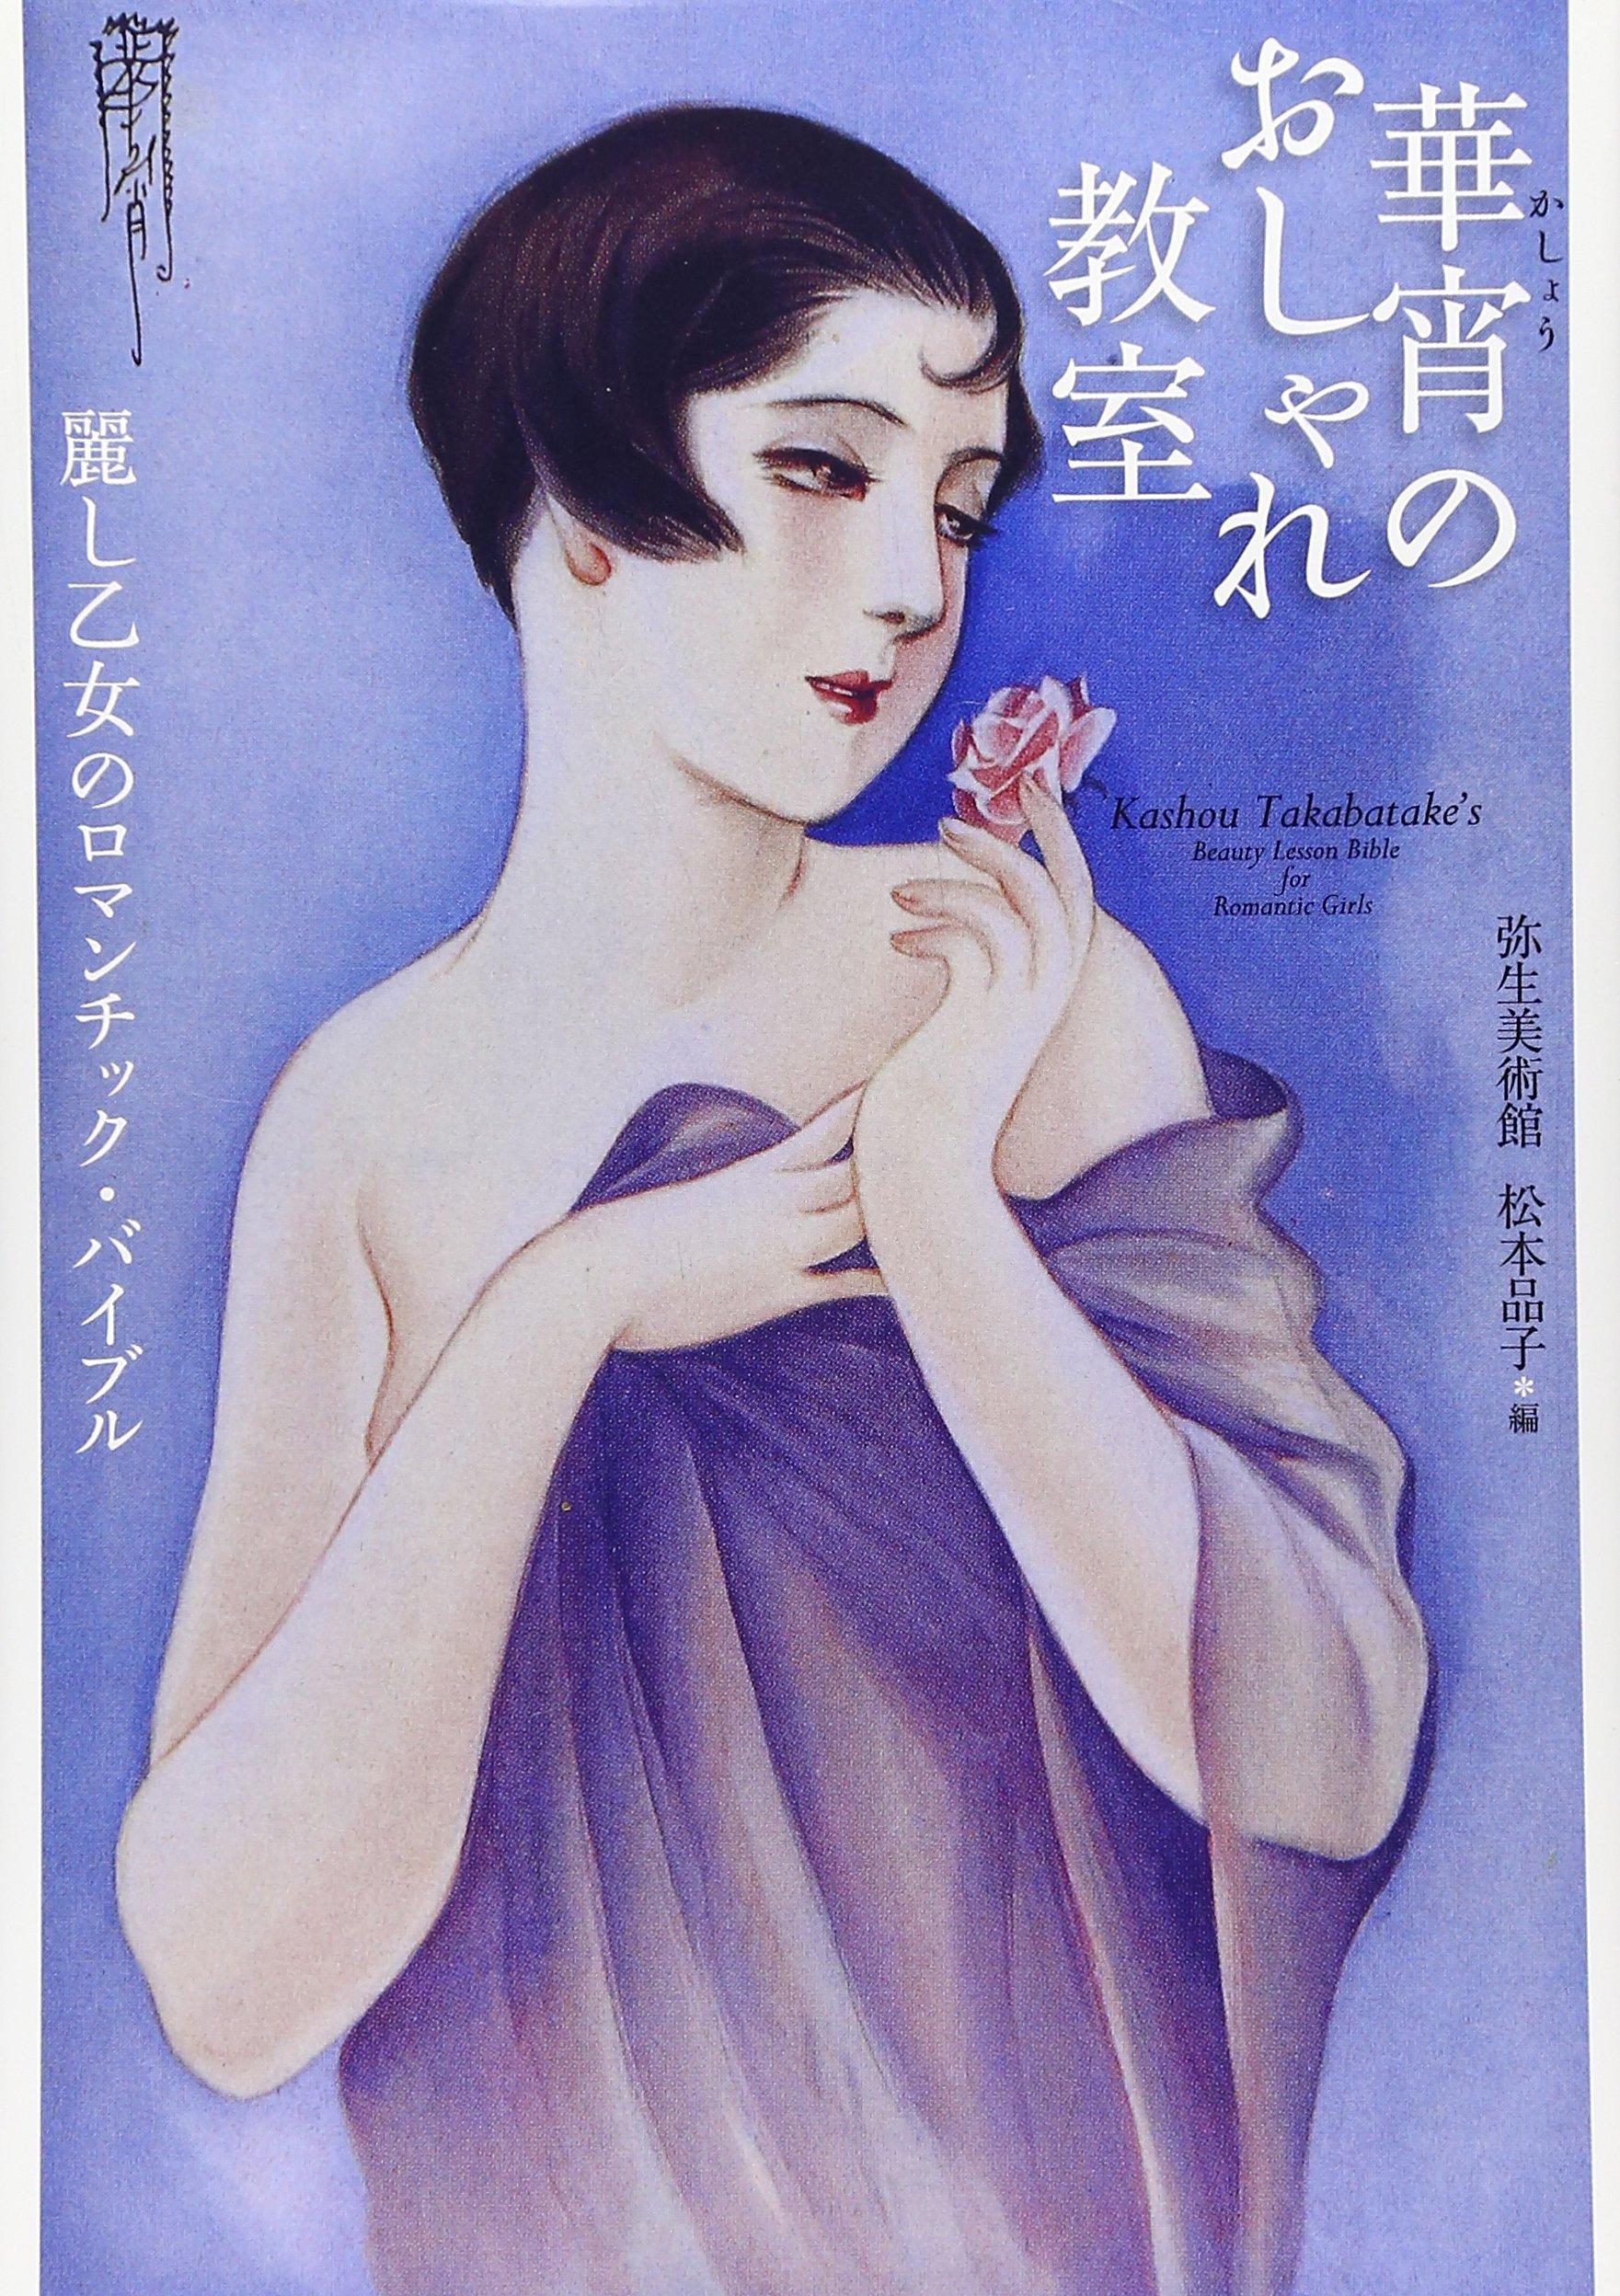 Download Kashō no oshare kyōshitsu = Kashou Takabatake's beauty lesson bible for romantic girls : Uruwashi otome no romanchikku baiburu ebook